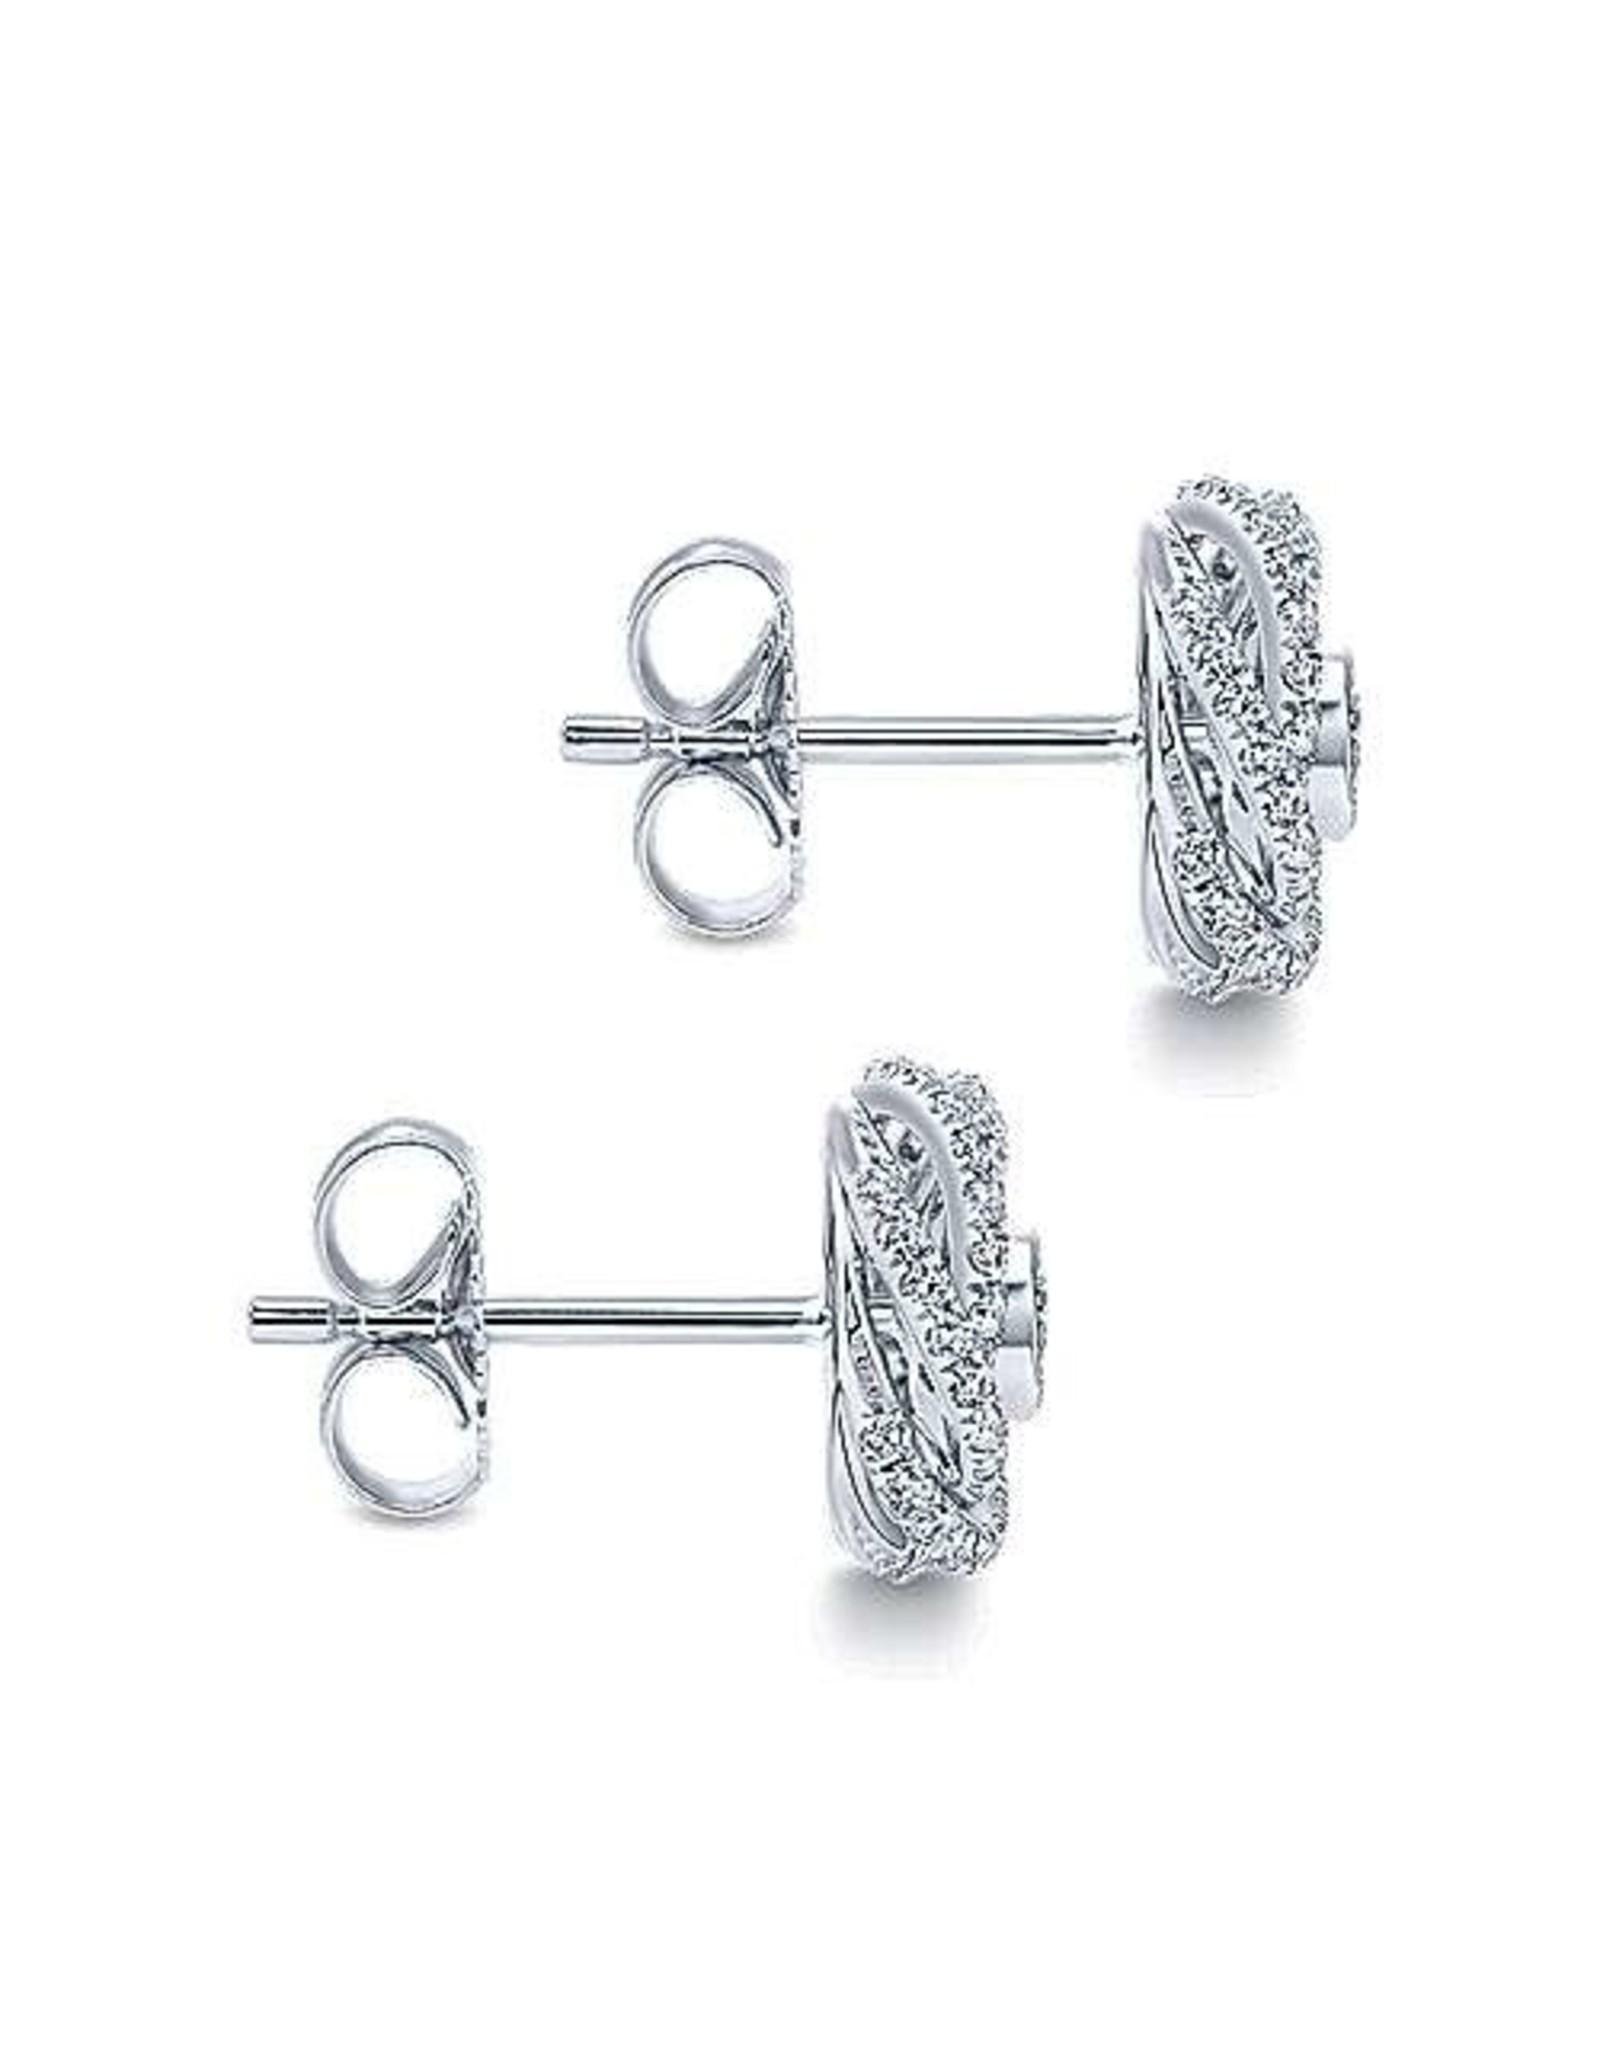 14K White Gold Diamond Swirl Stud Earrings, D: 0.65ct